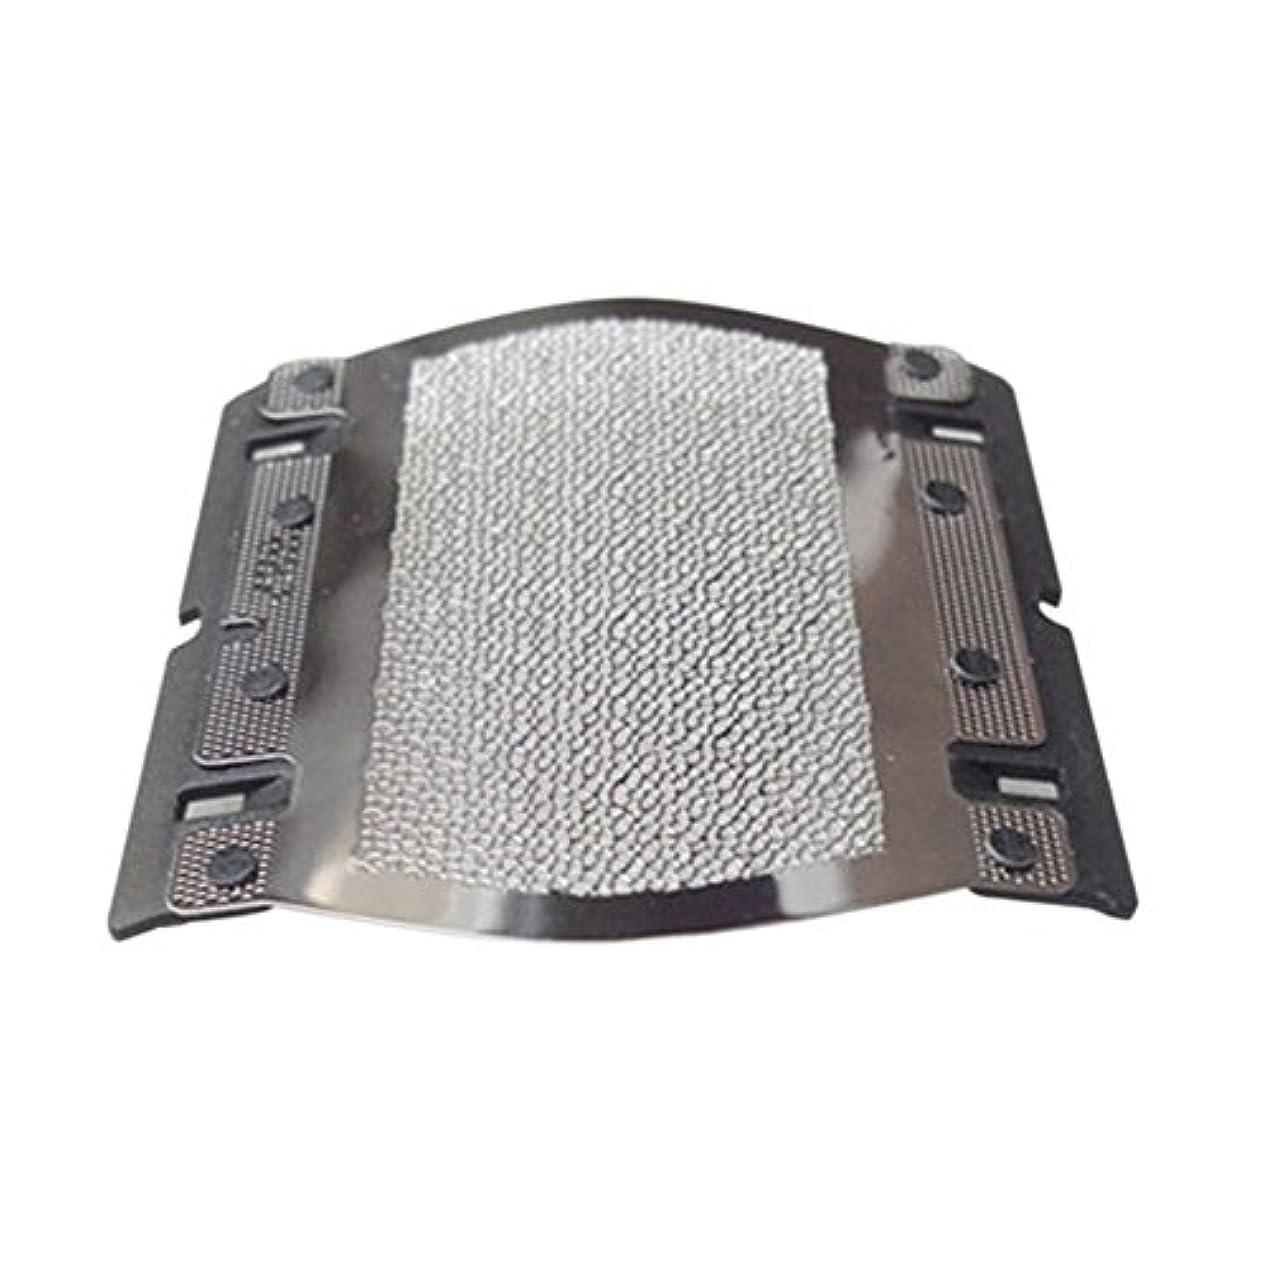 カウントアップジェムカセットHZjundasi Replacement シェーバーカミソリ ブレード 刃+はく 614 for Braun 350/370/P10/5614/5615